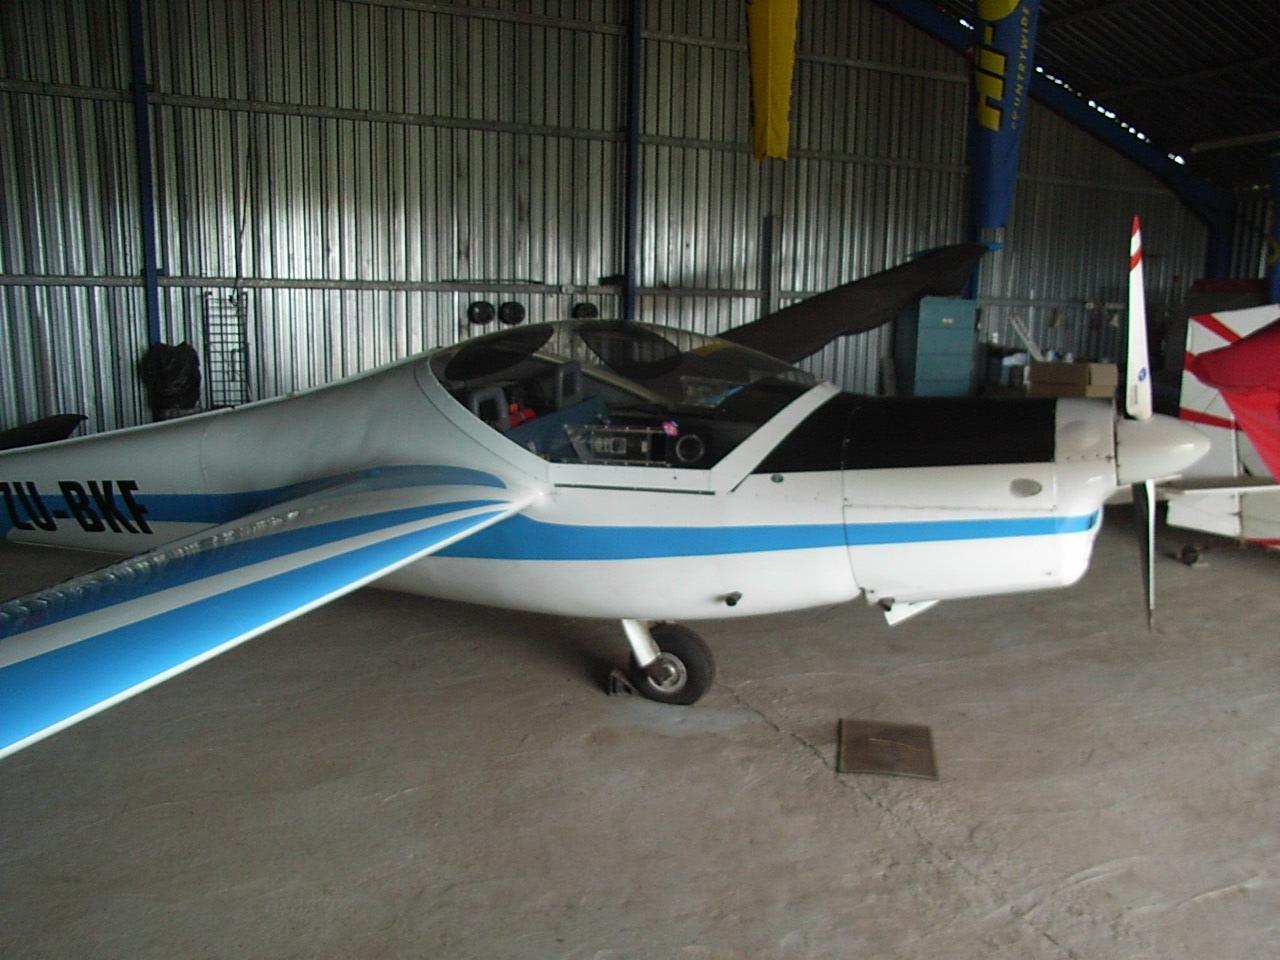 Blanic Vivat L13 SE Motor Glider